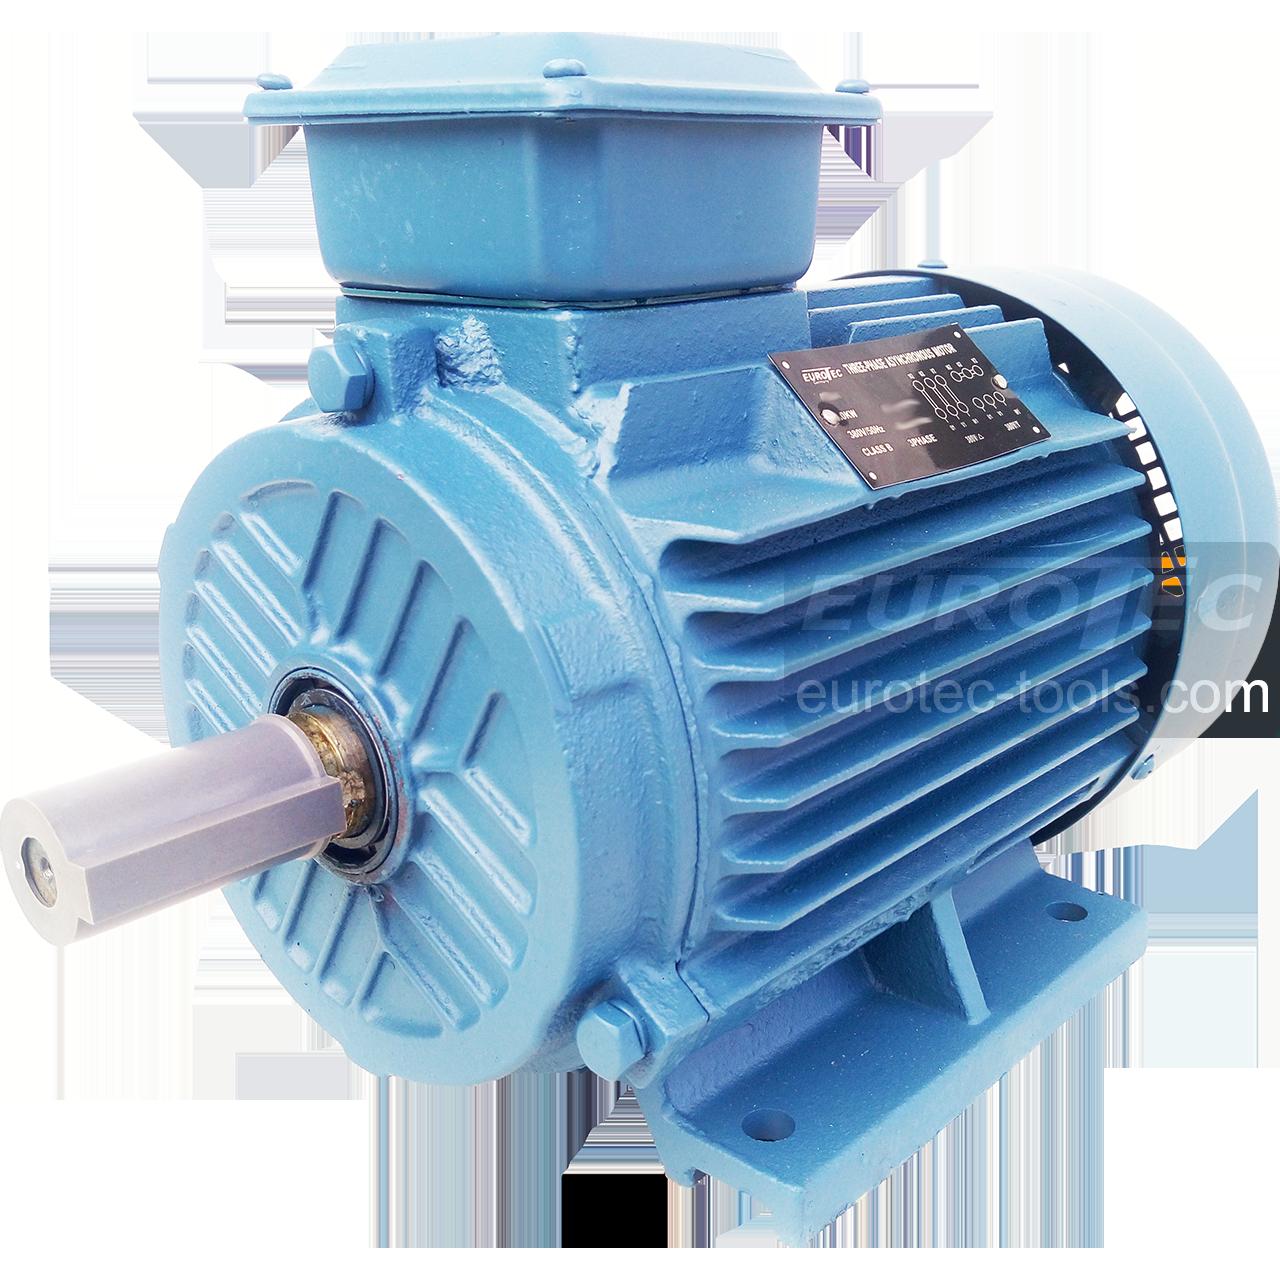 Асинхронний електродвигун 1400 об. 4 кВт 380 В Eurotec AT 130 трифазний двигун змінного струму 1500 об